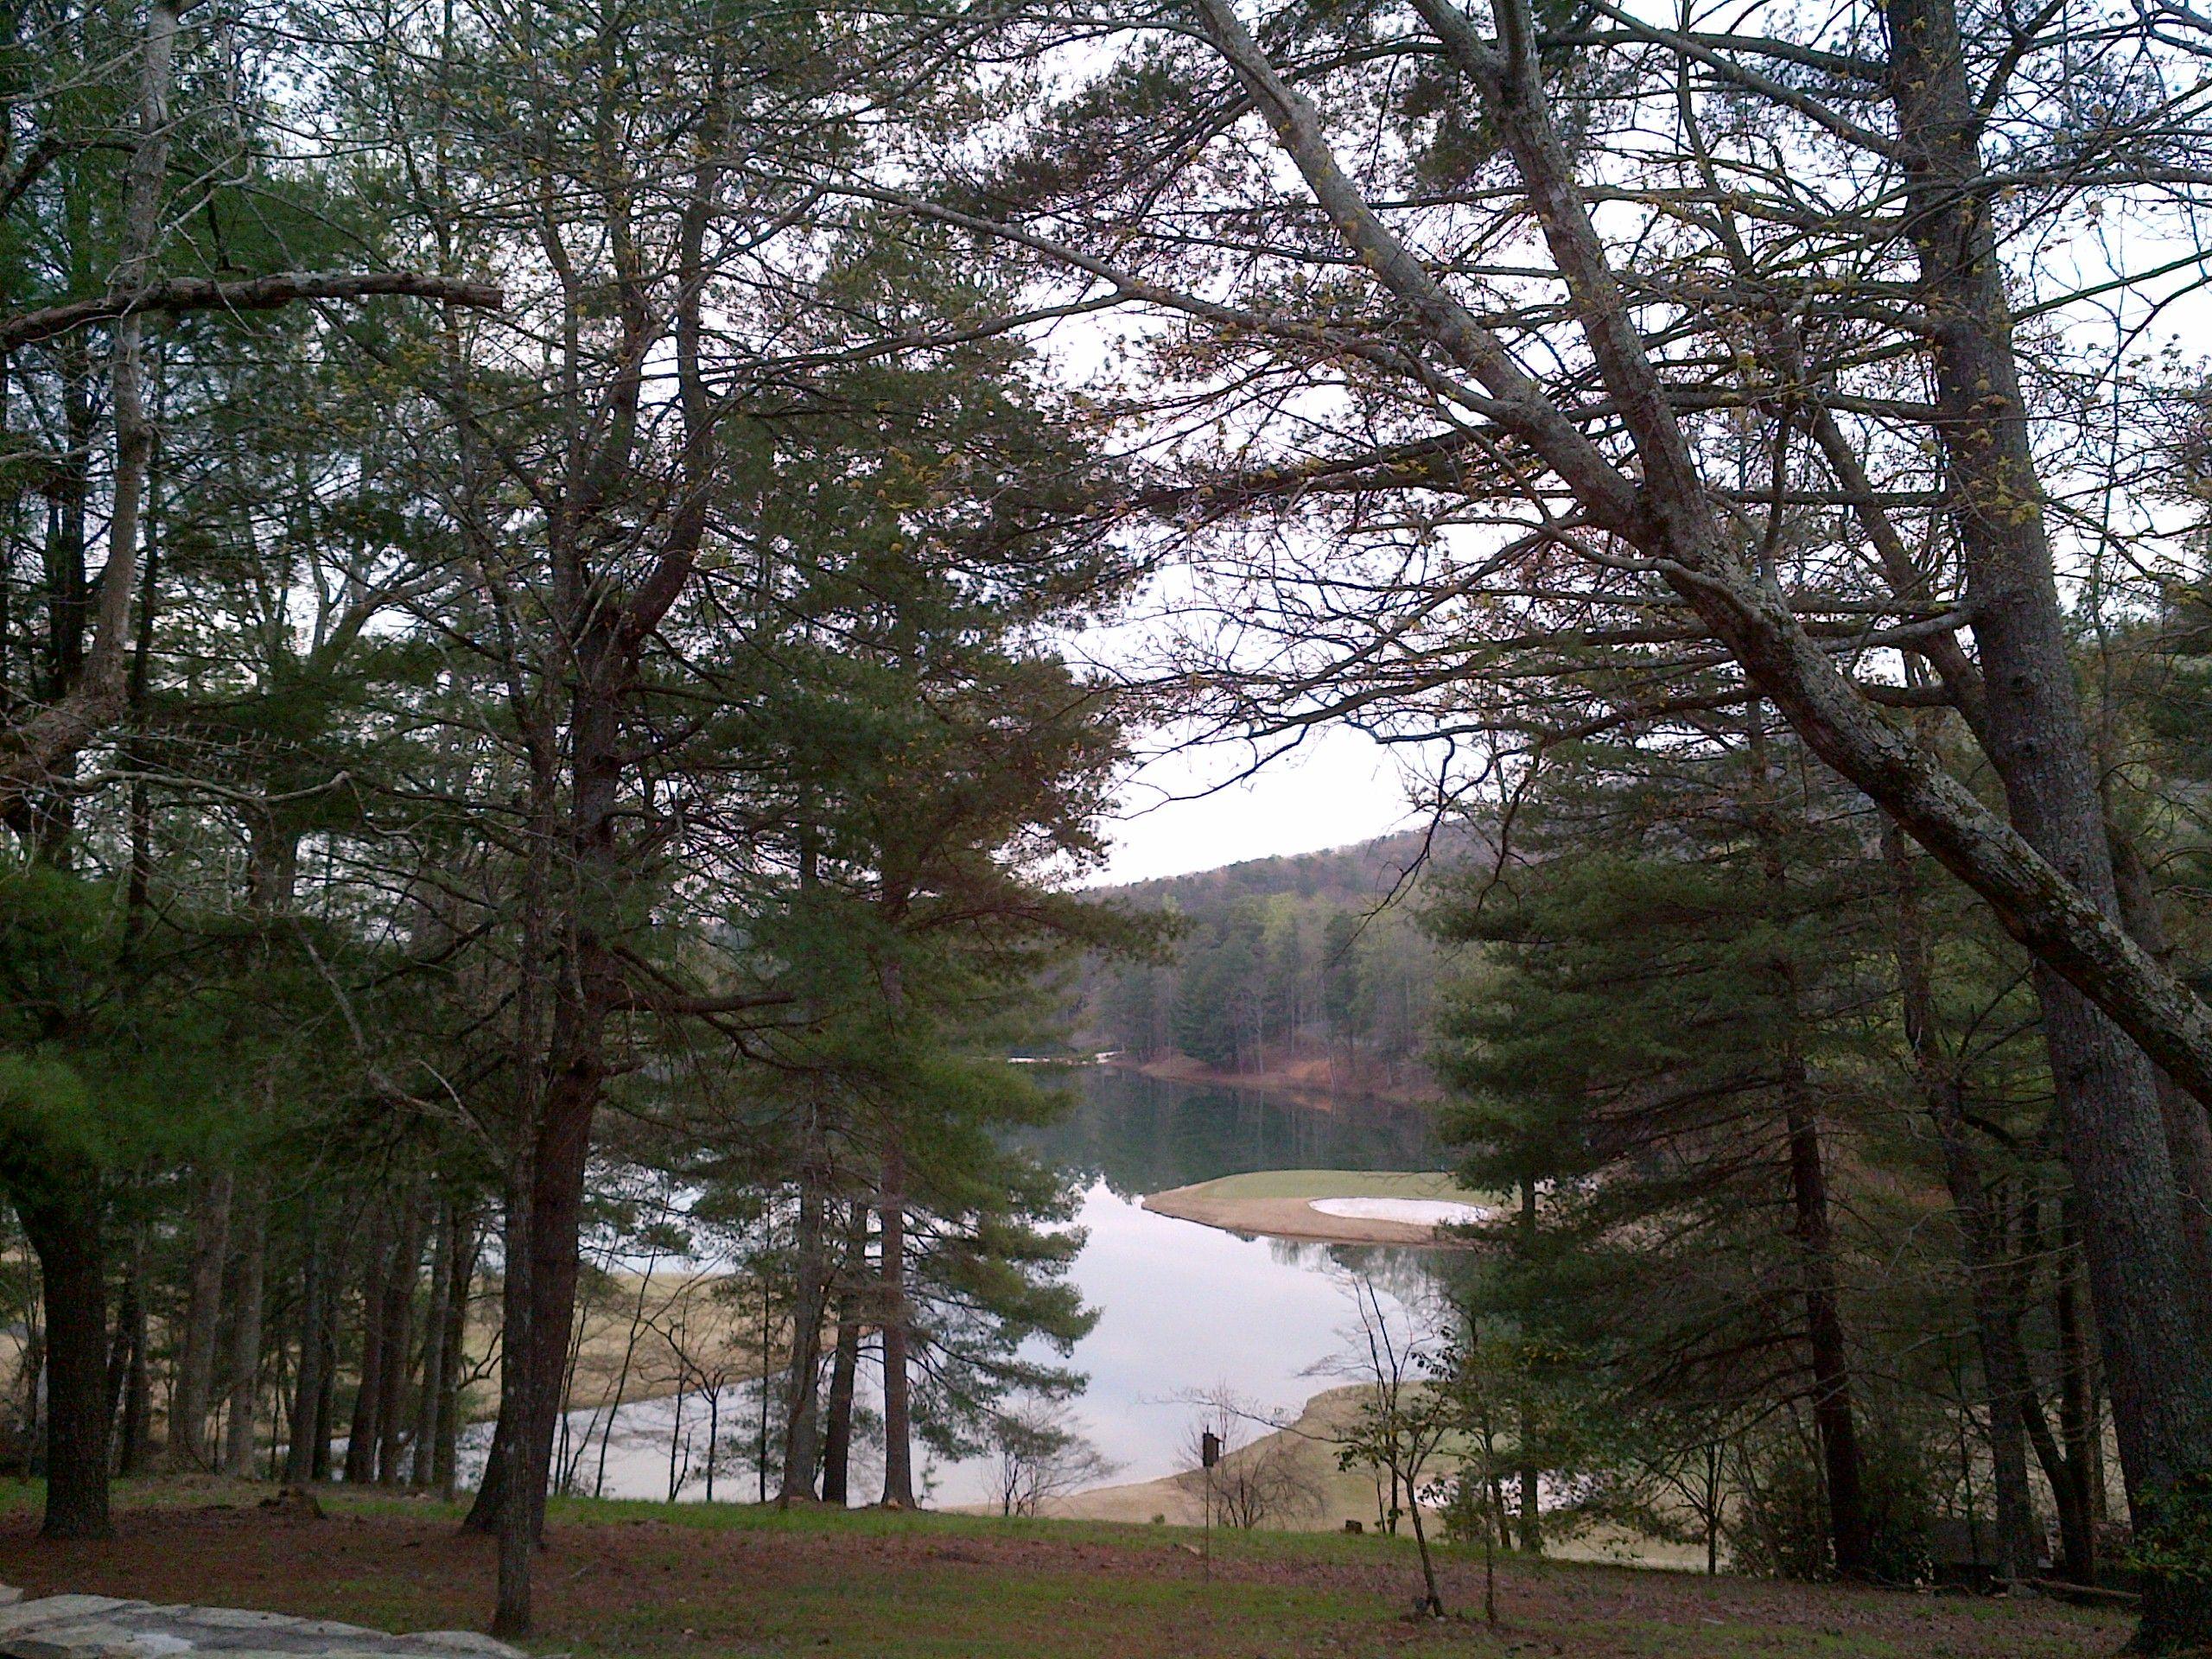 Big Canoe, GA Tree house, Tree, Canoe